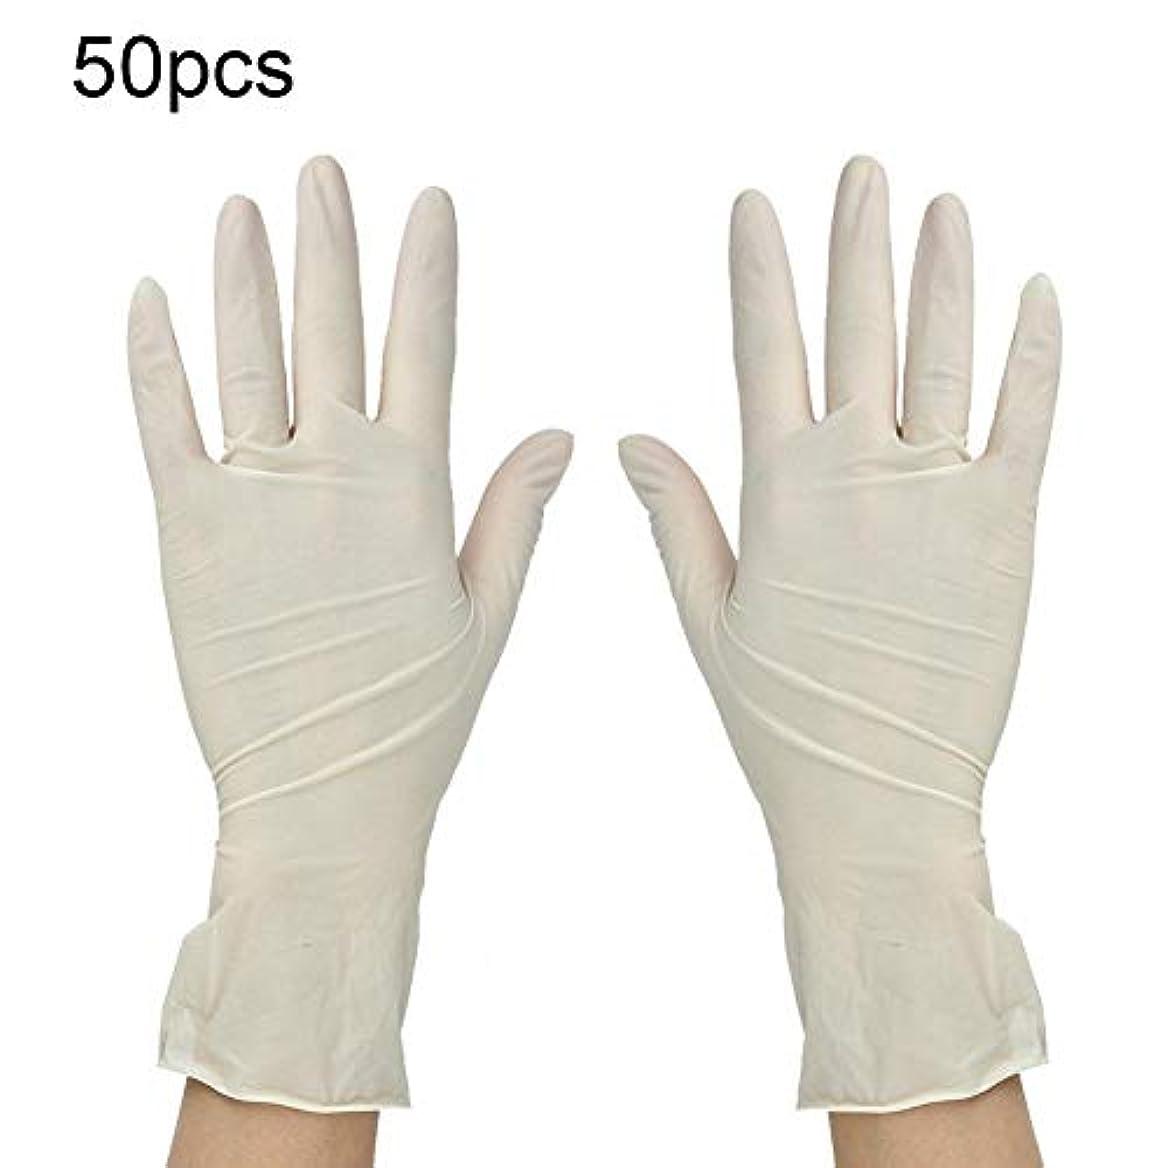 故障中にぎやか大型トラック50ペア/パック使い捨て手袋 エクストラストロングラテックスグローブ 美容院医療歯科 サービスクリーニング手袋(S)